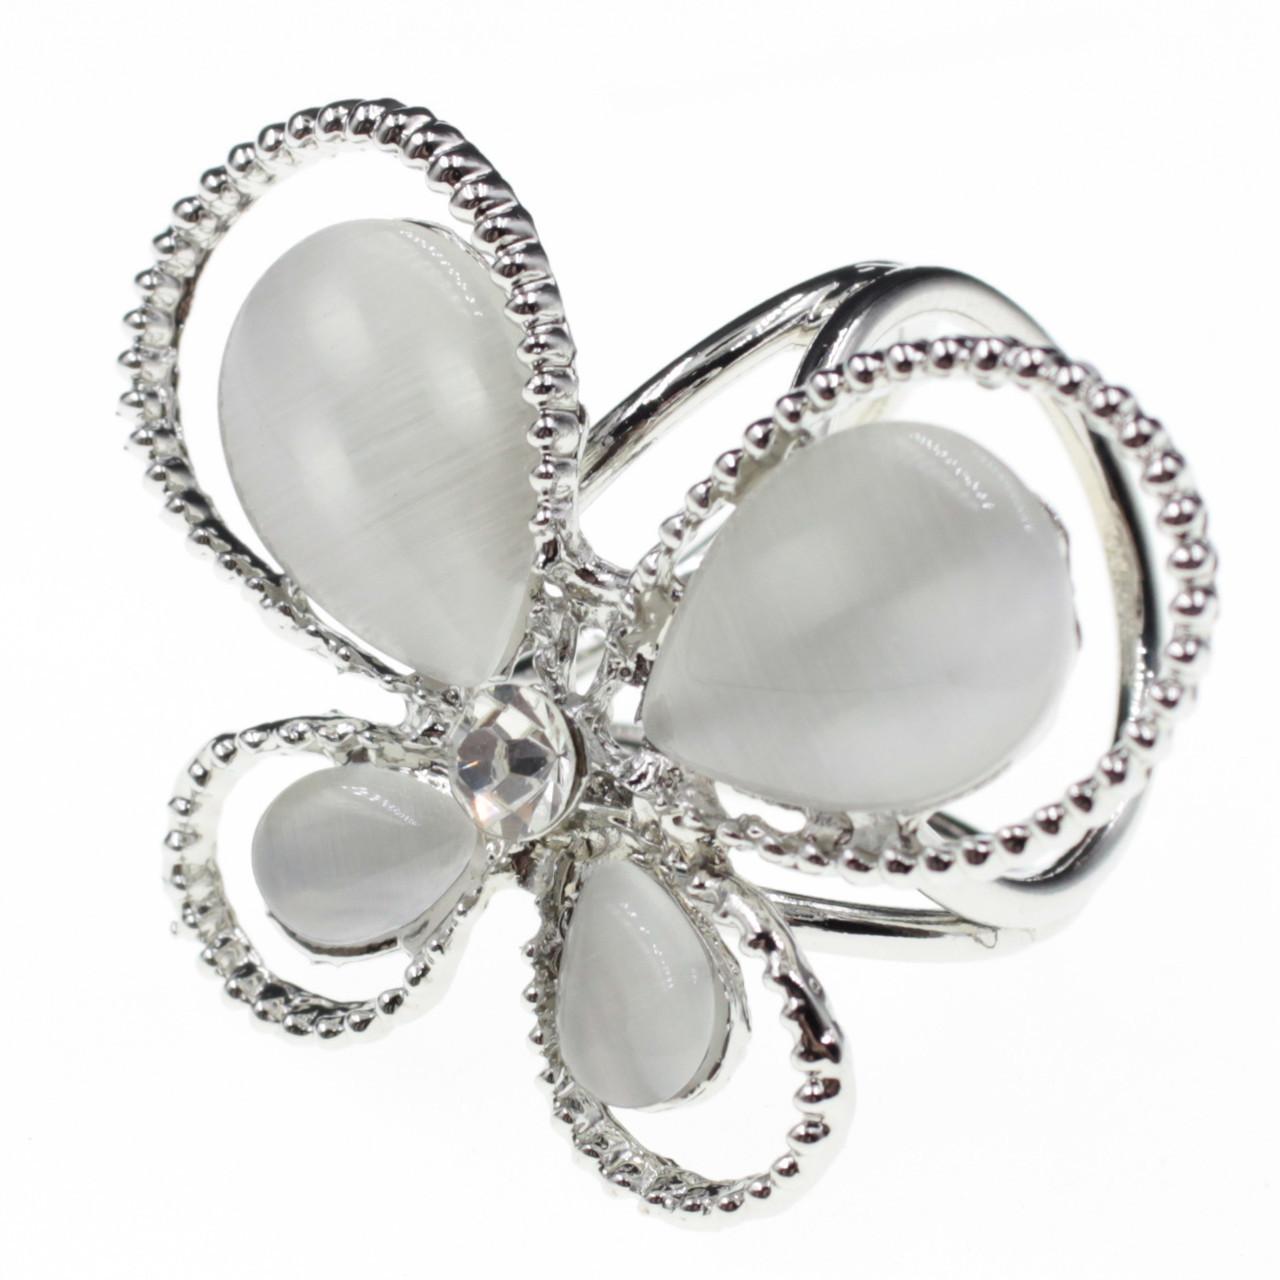 """Кольцо для платка """"Araceli silver"""""""